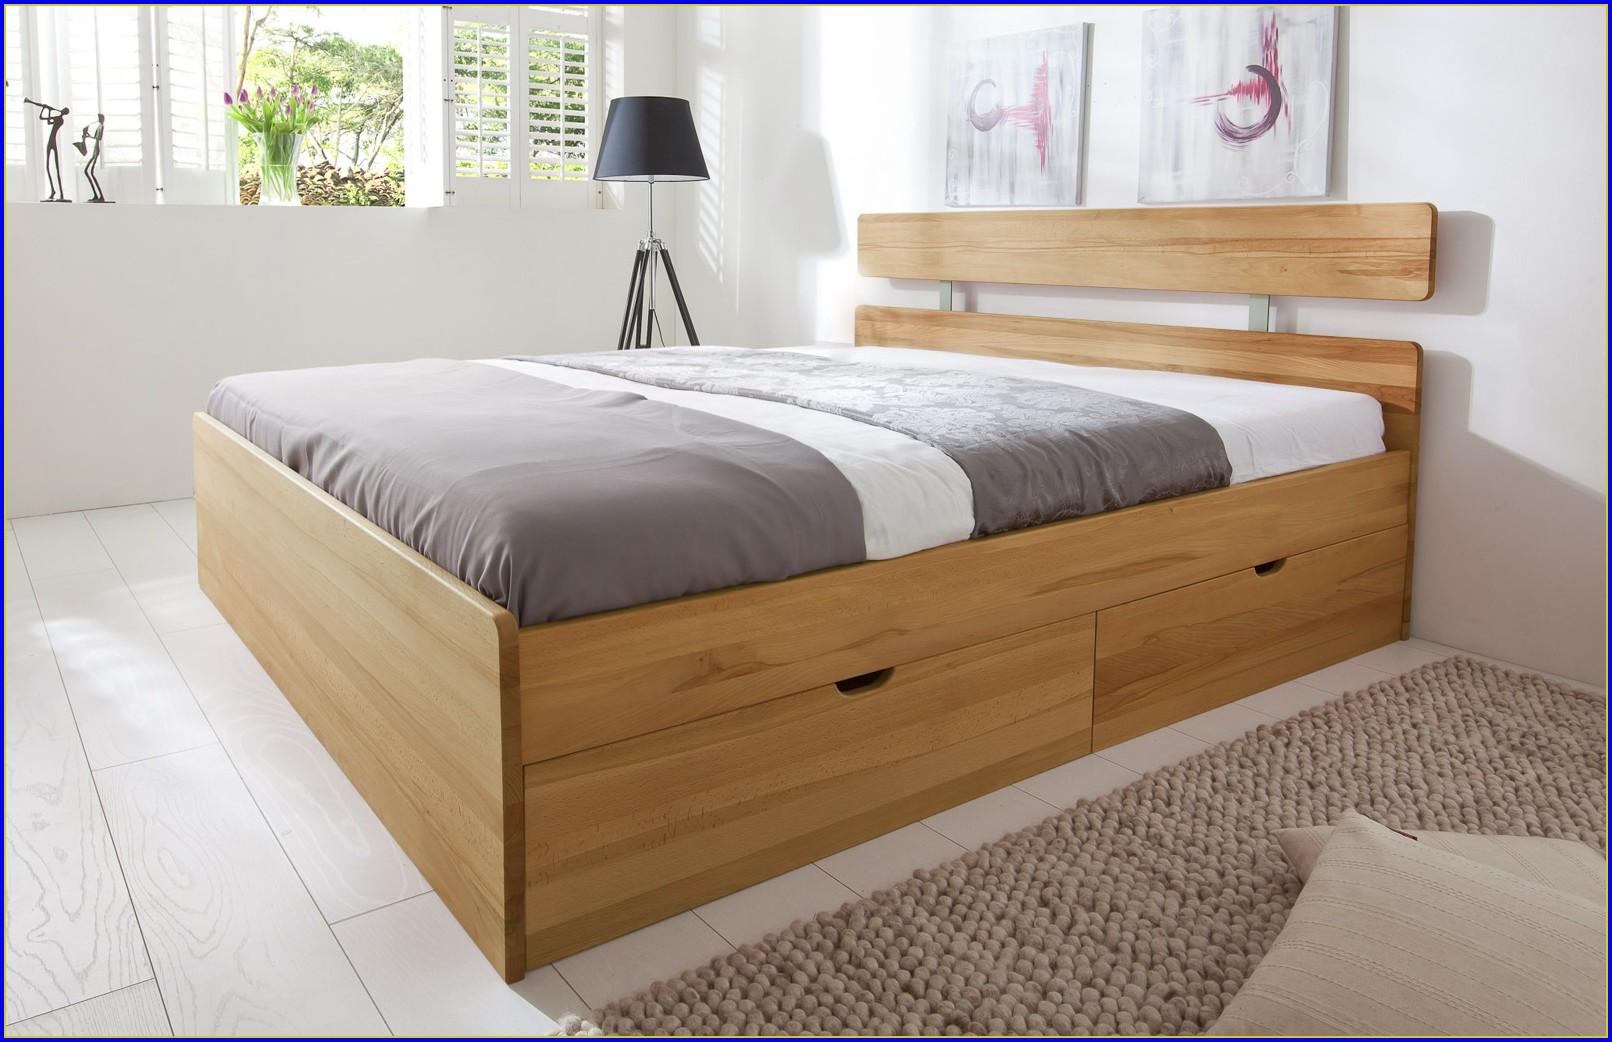 Kopfteil Für Bett Ikea